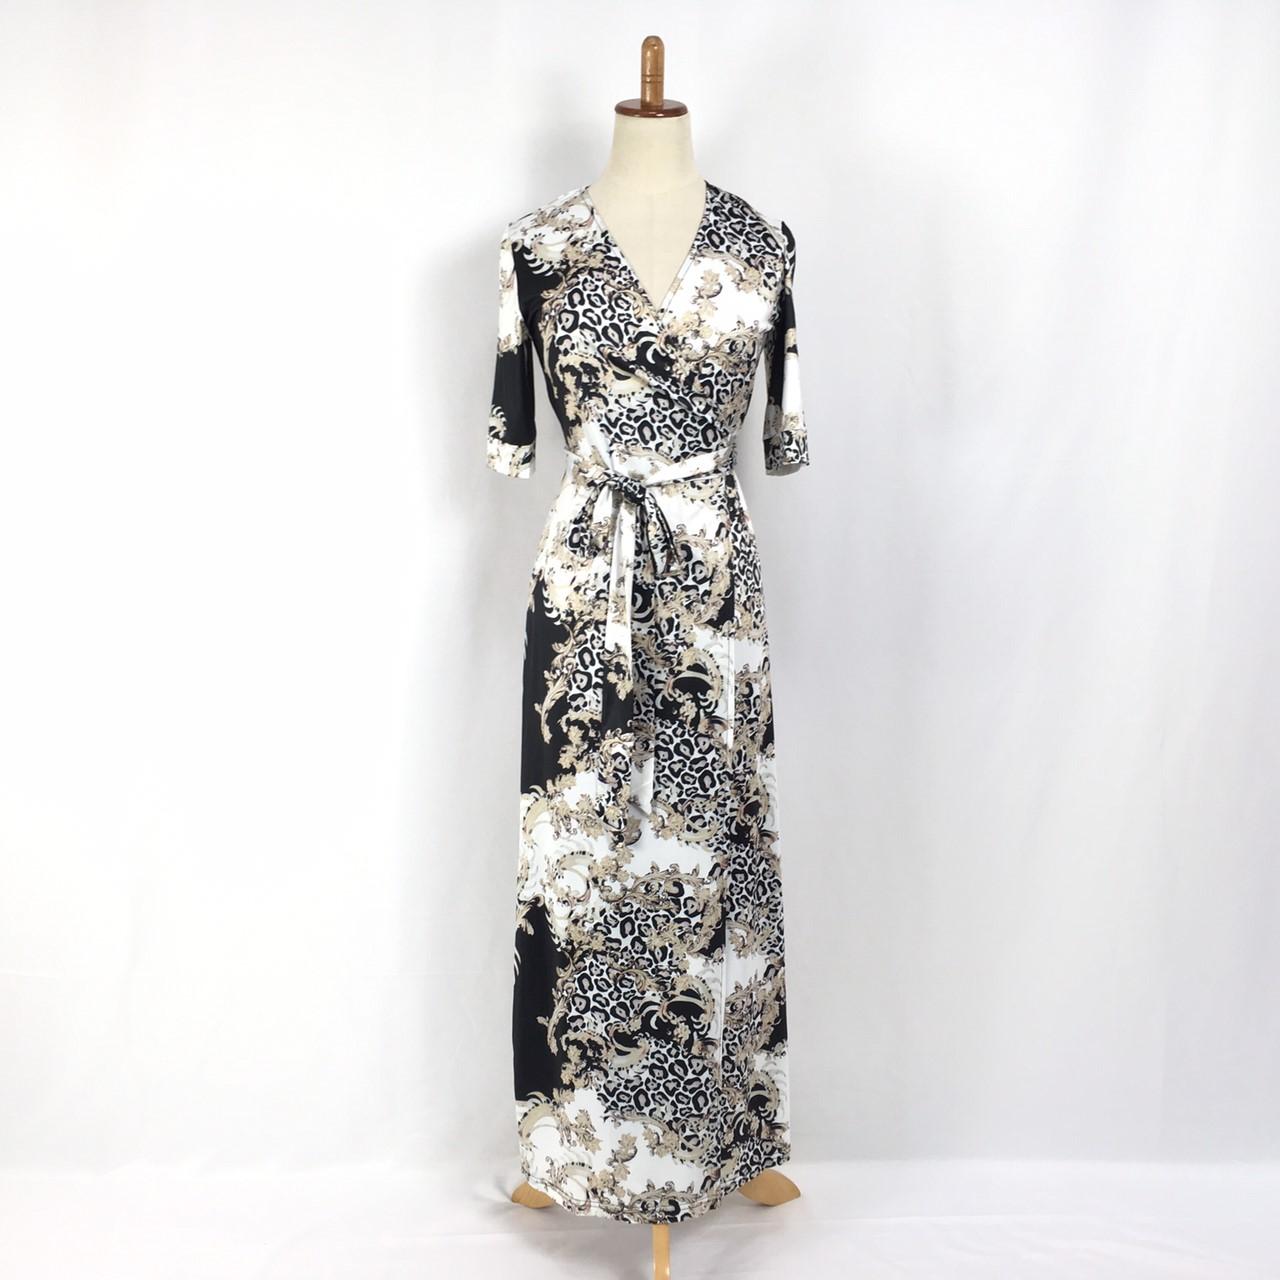 韓国 ファッション ワンピース パーティードレス ロング マキシ 夏 春 パーティー ブライダル PTXF019 結婚式 お呼ばれ カシュクール ハイショルダー ウエストマー 二次会 セレブ きれいめの写真11枚目